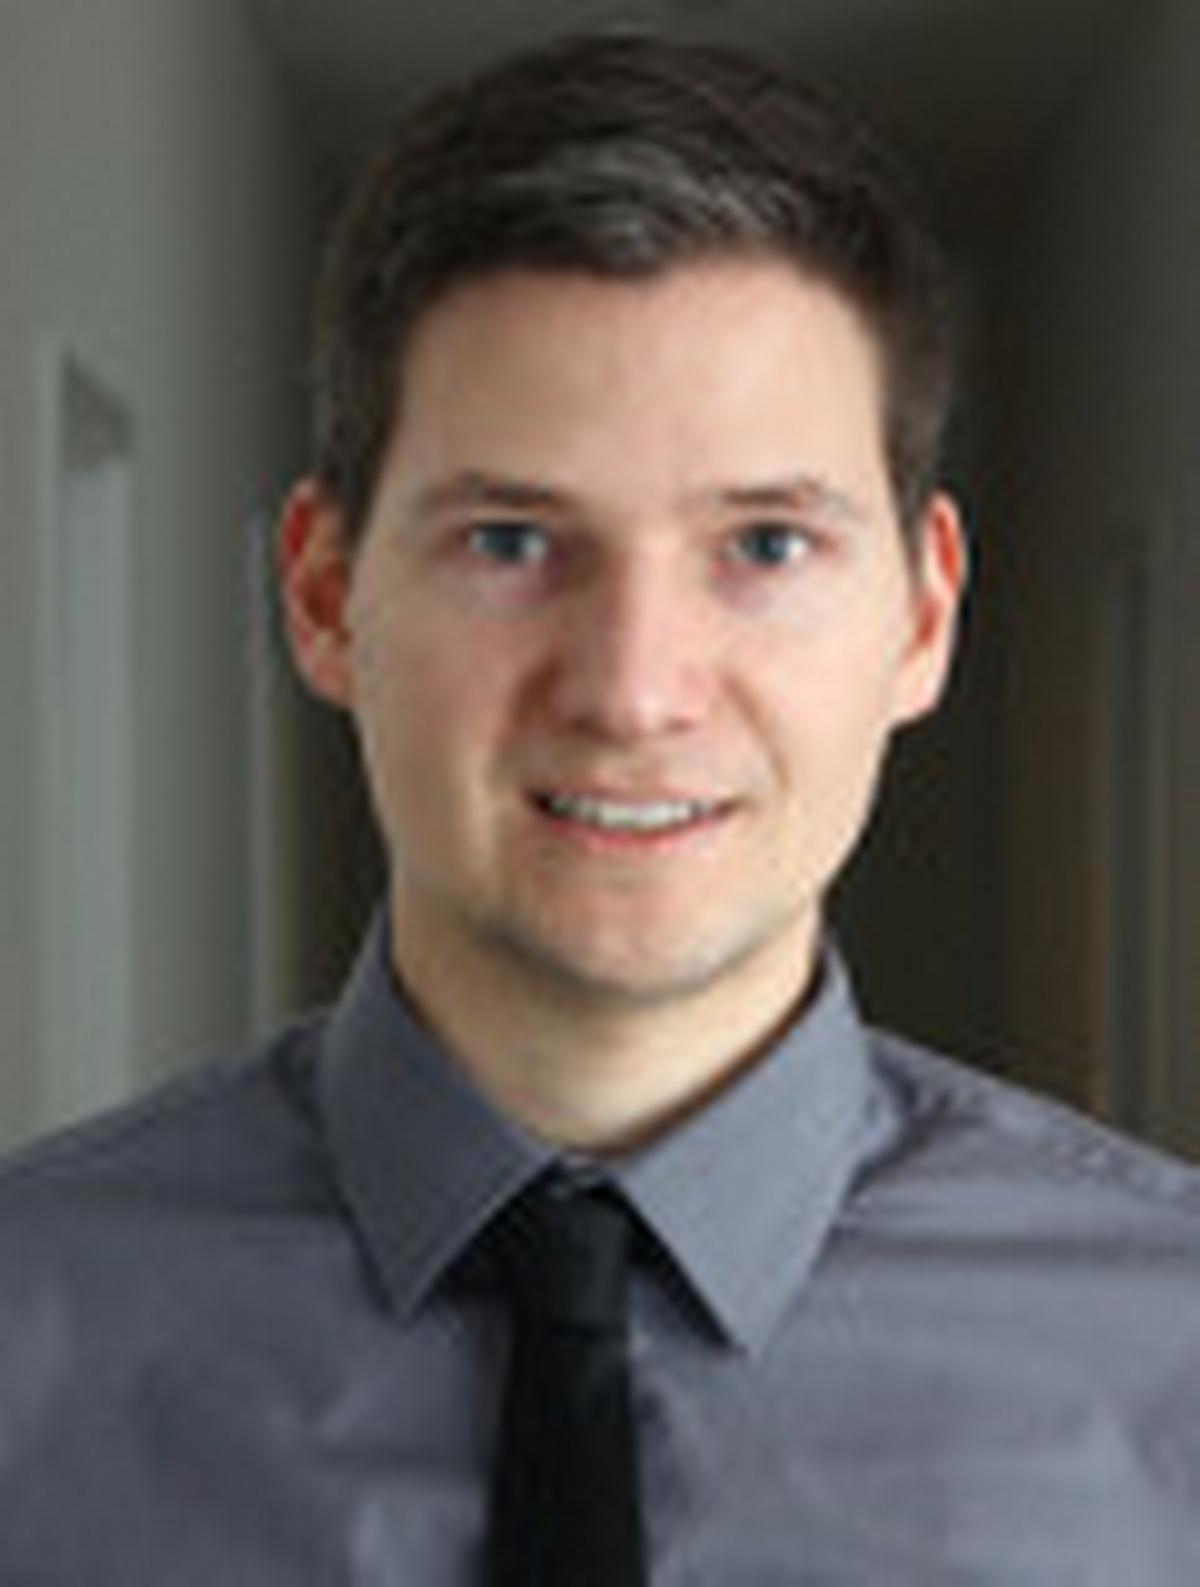 Jiří Vaško, vedoucí týmu Mailforce ve společnosti Inveo